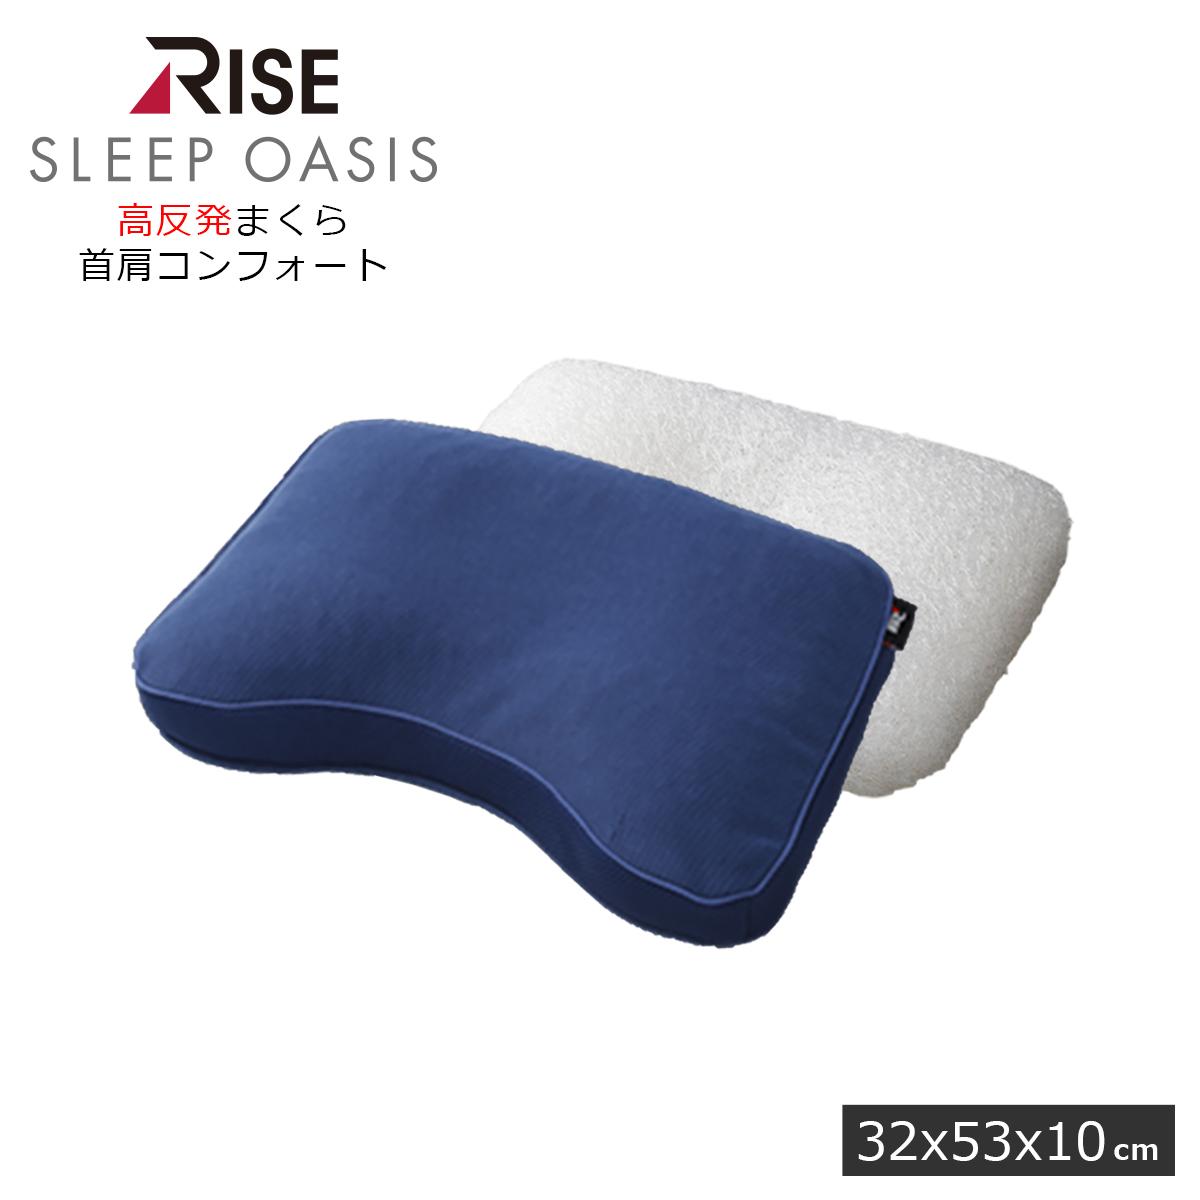 中央部を低め 両サイドは高めにした設計 出色 日本最大級の品揃え ゆるやかにフィットするアーチ形状が肩の浮きをサポートするため 肩こりの方にもおすすめ 高反発まくら スリープオアシス 枕 ピロー 首肩コンフォート CF01 通気性 横向き 洗える 肩こり 仰向け 快眠 安眠 首 寝姿勢 寝返り 丸洗い 新生活